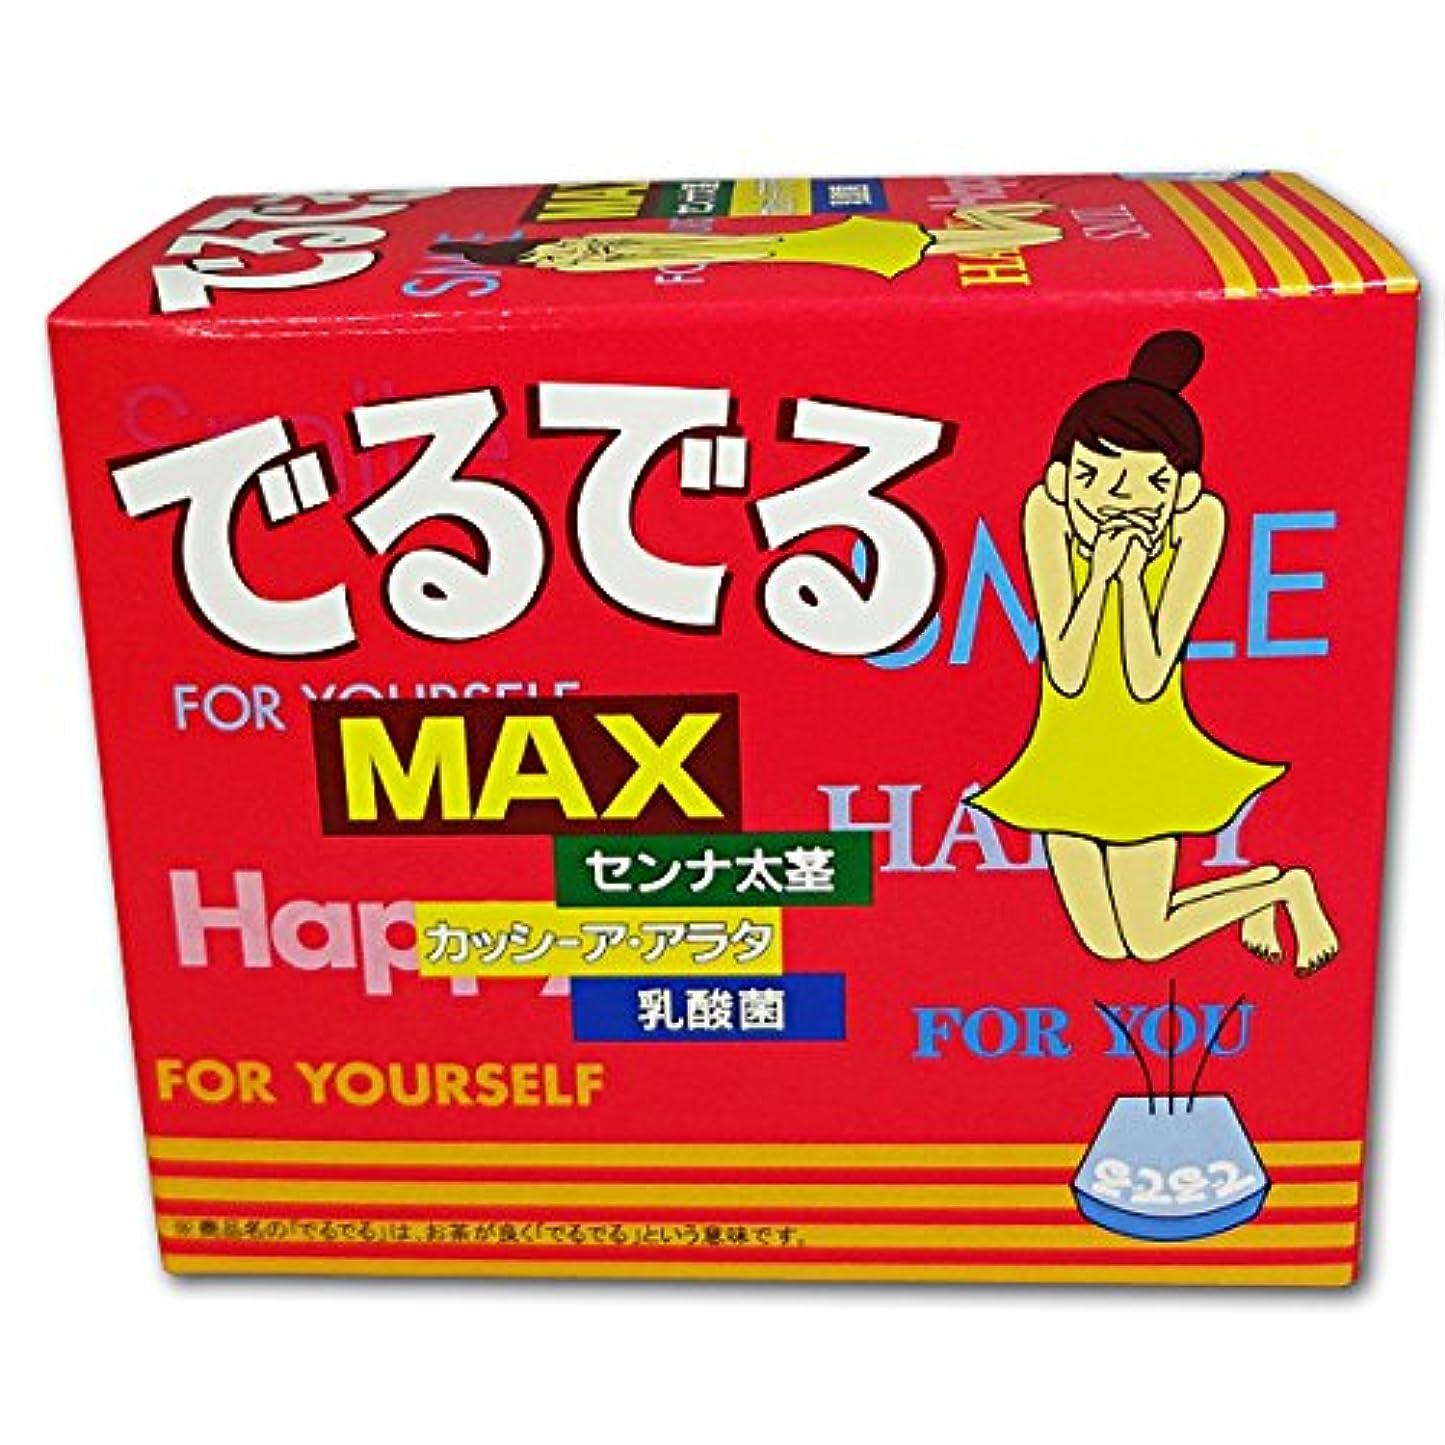 十分な満足カロリー昭和 でるでる MAX 14包